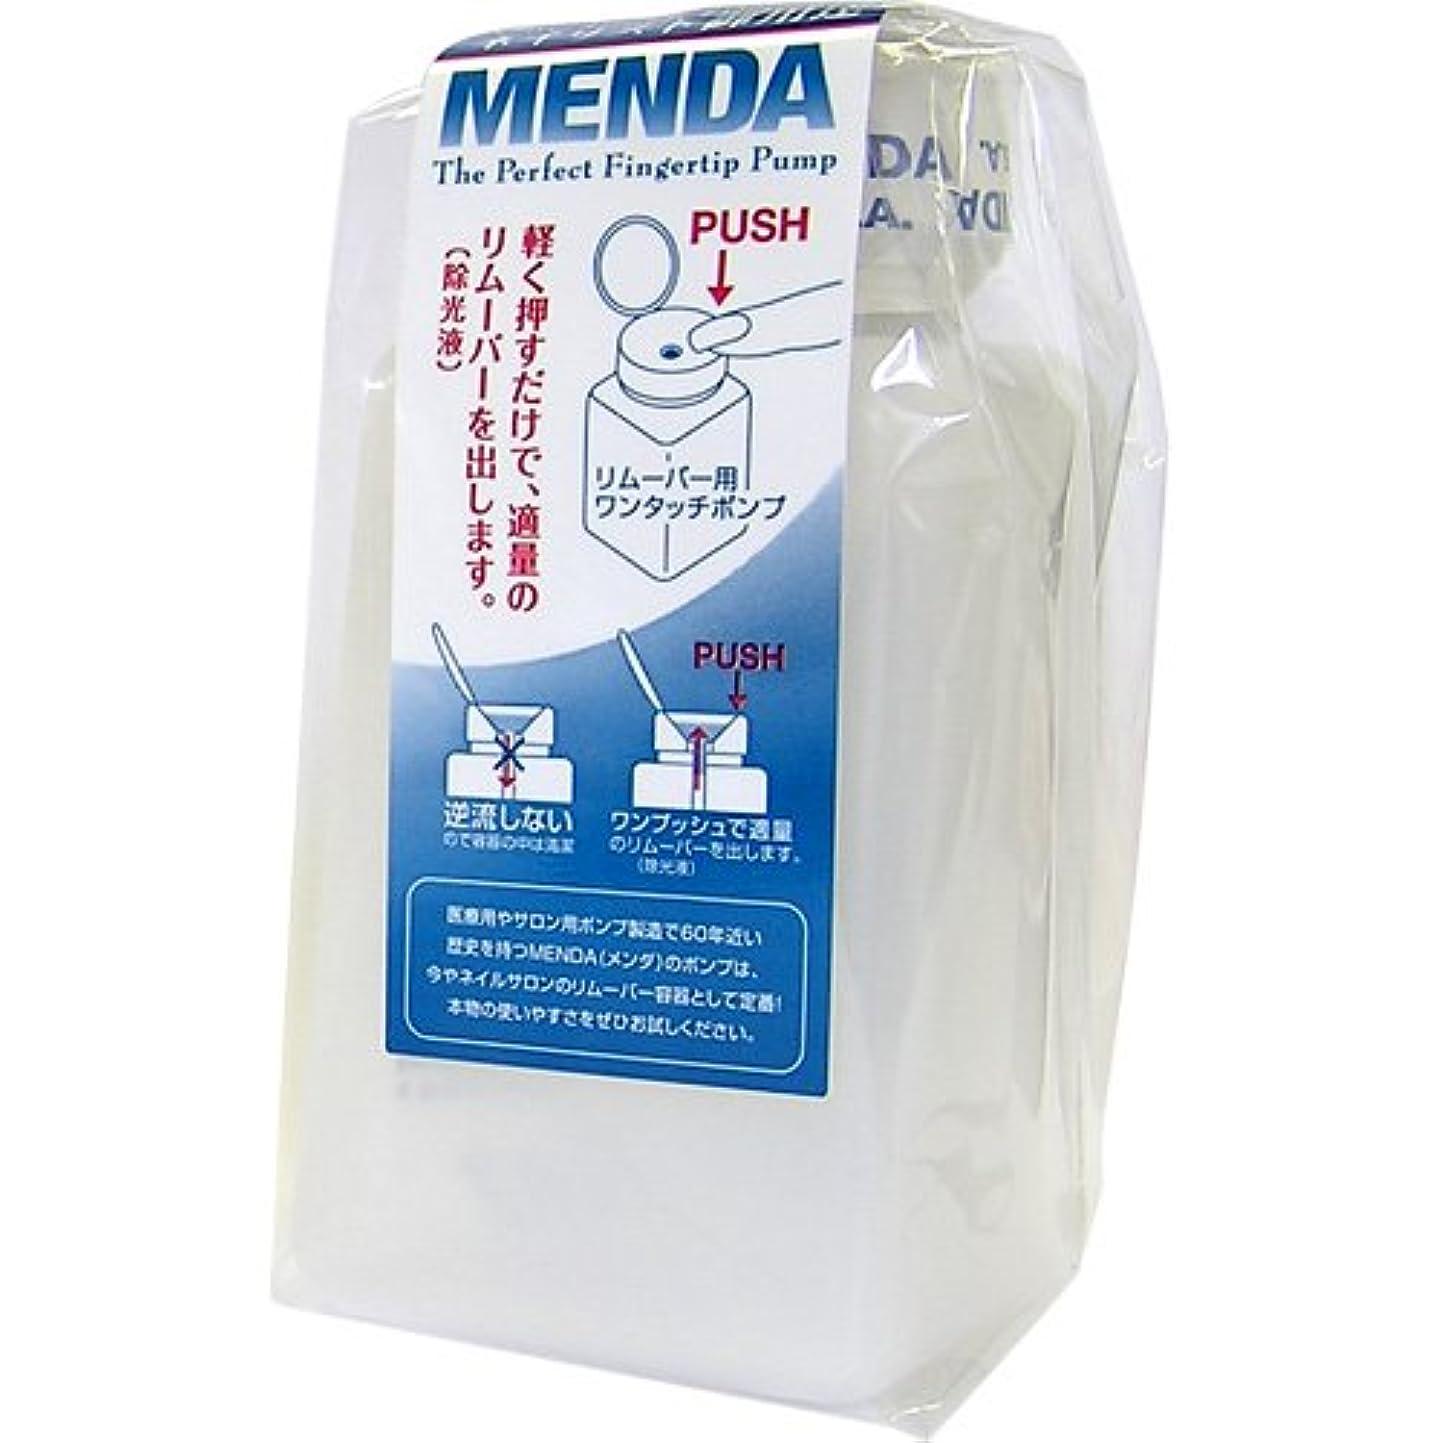 バレーボールスリーブブリークメンダ<MENDA>リムーバー用ワンタッチポンプ180ml(6oz)